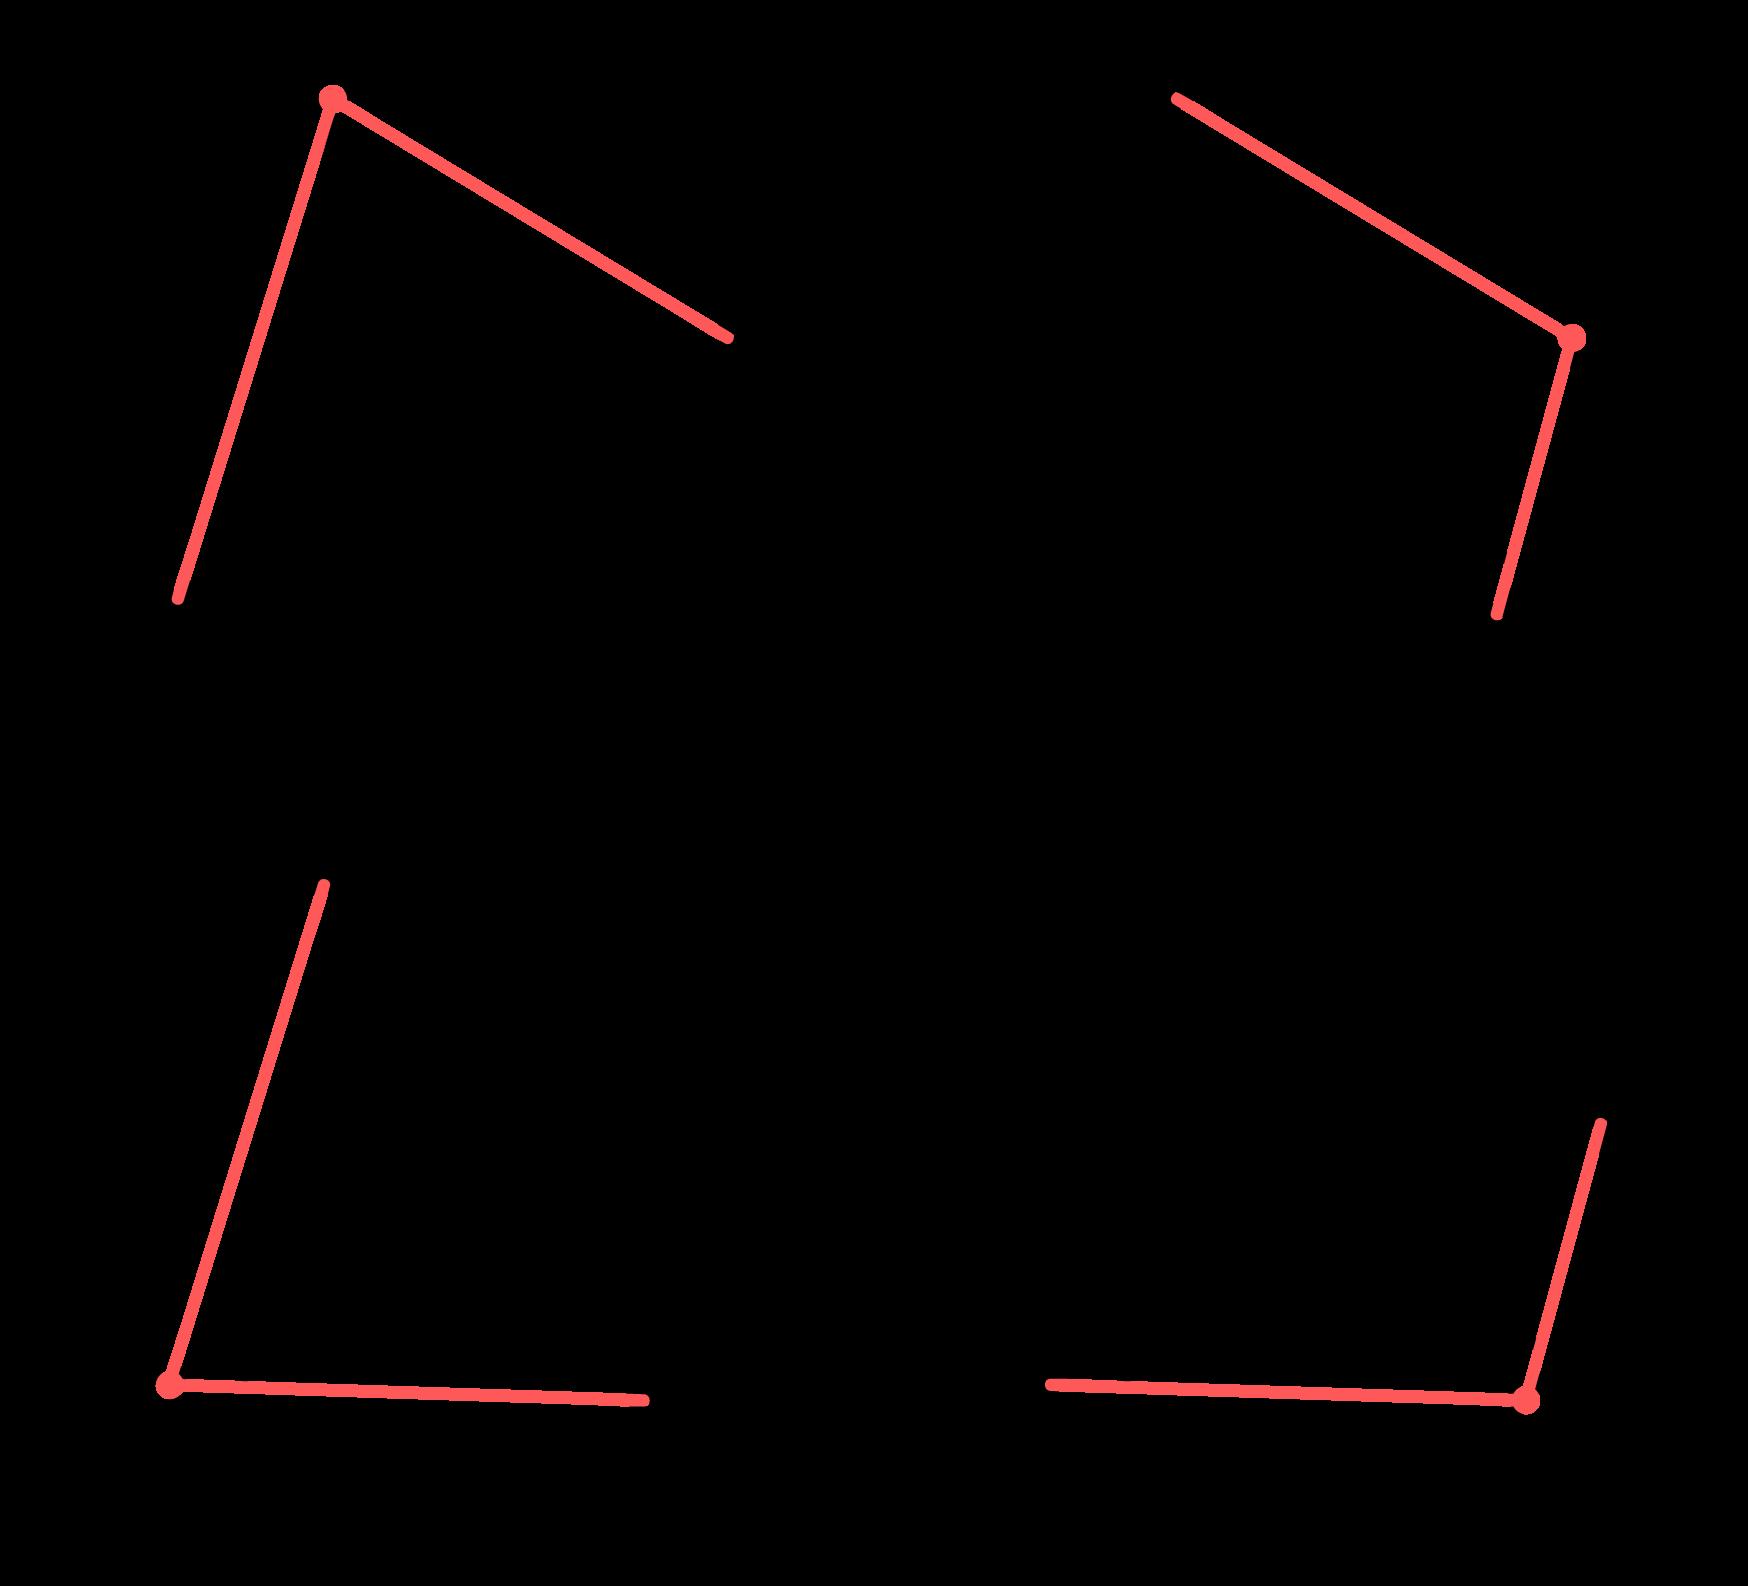 4 vértices do quadrilátero são 4 vértices de ângulos inscritos